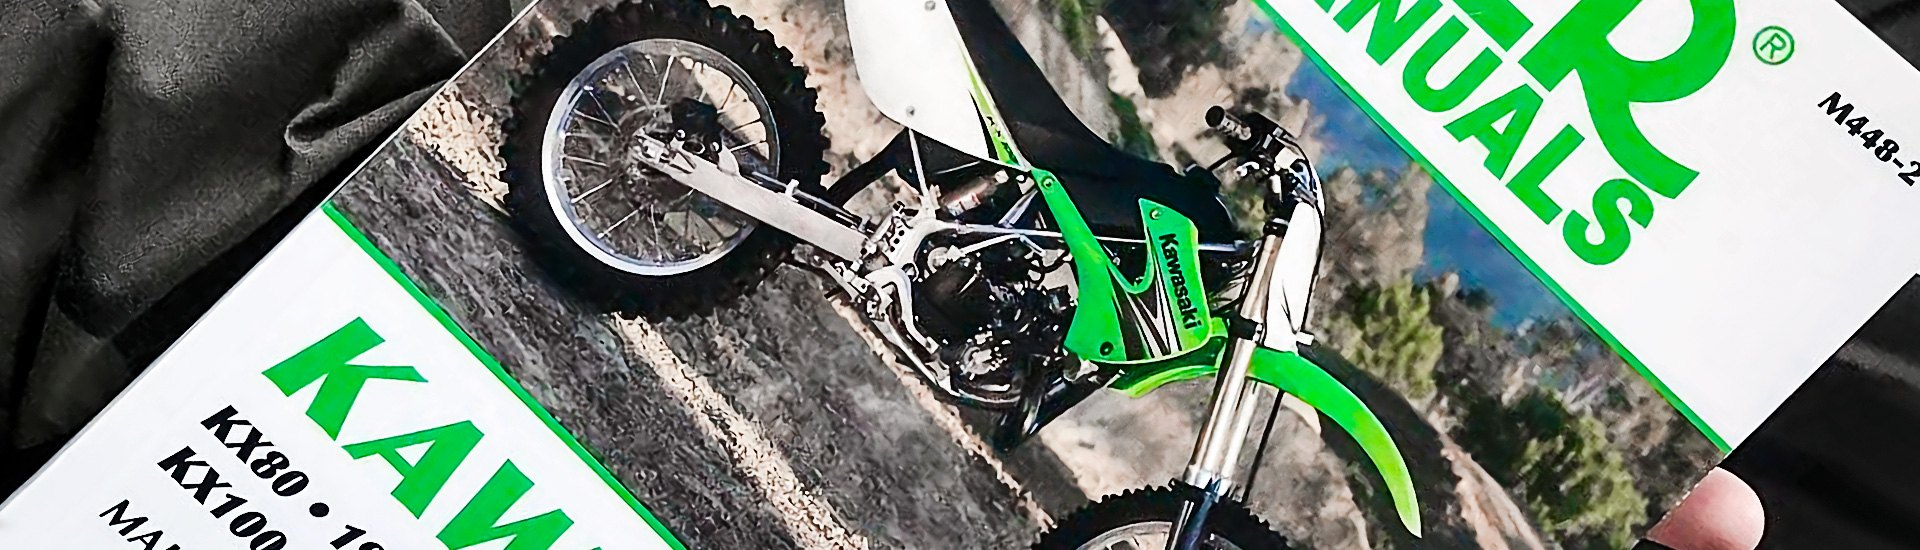 Suzuki Motocross/Dirt Bike Repair Manuals | Radiator